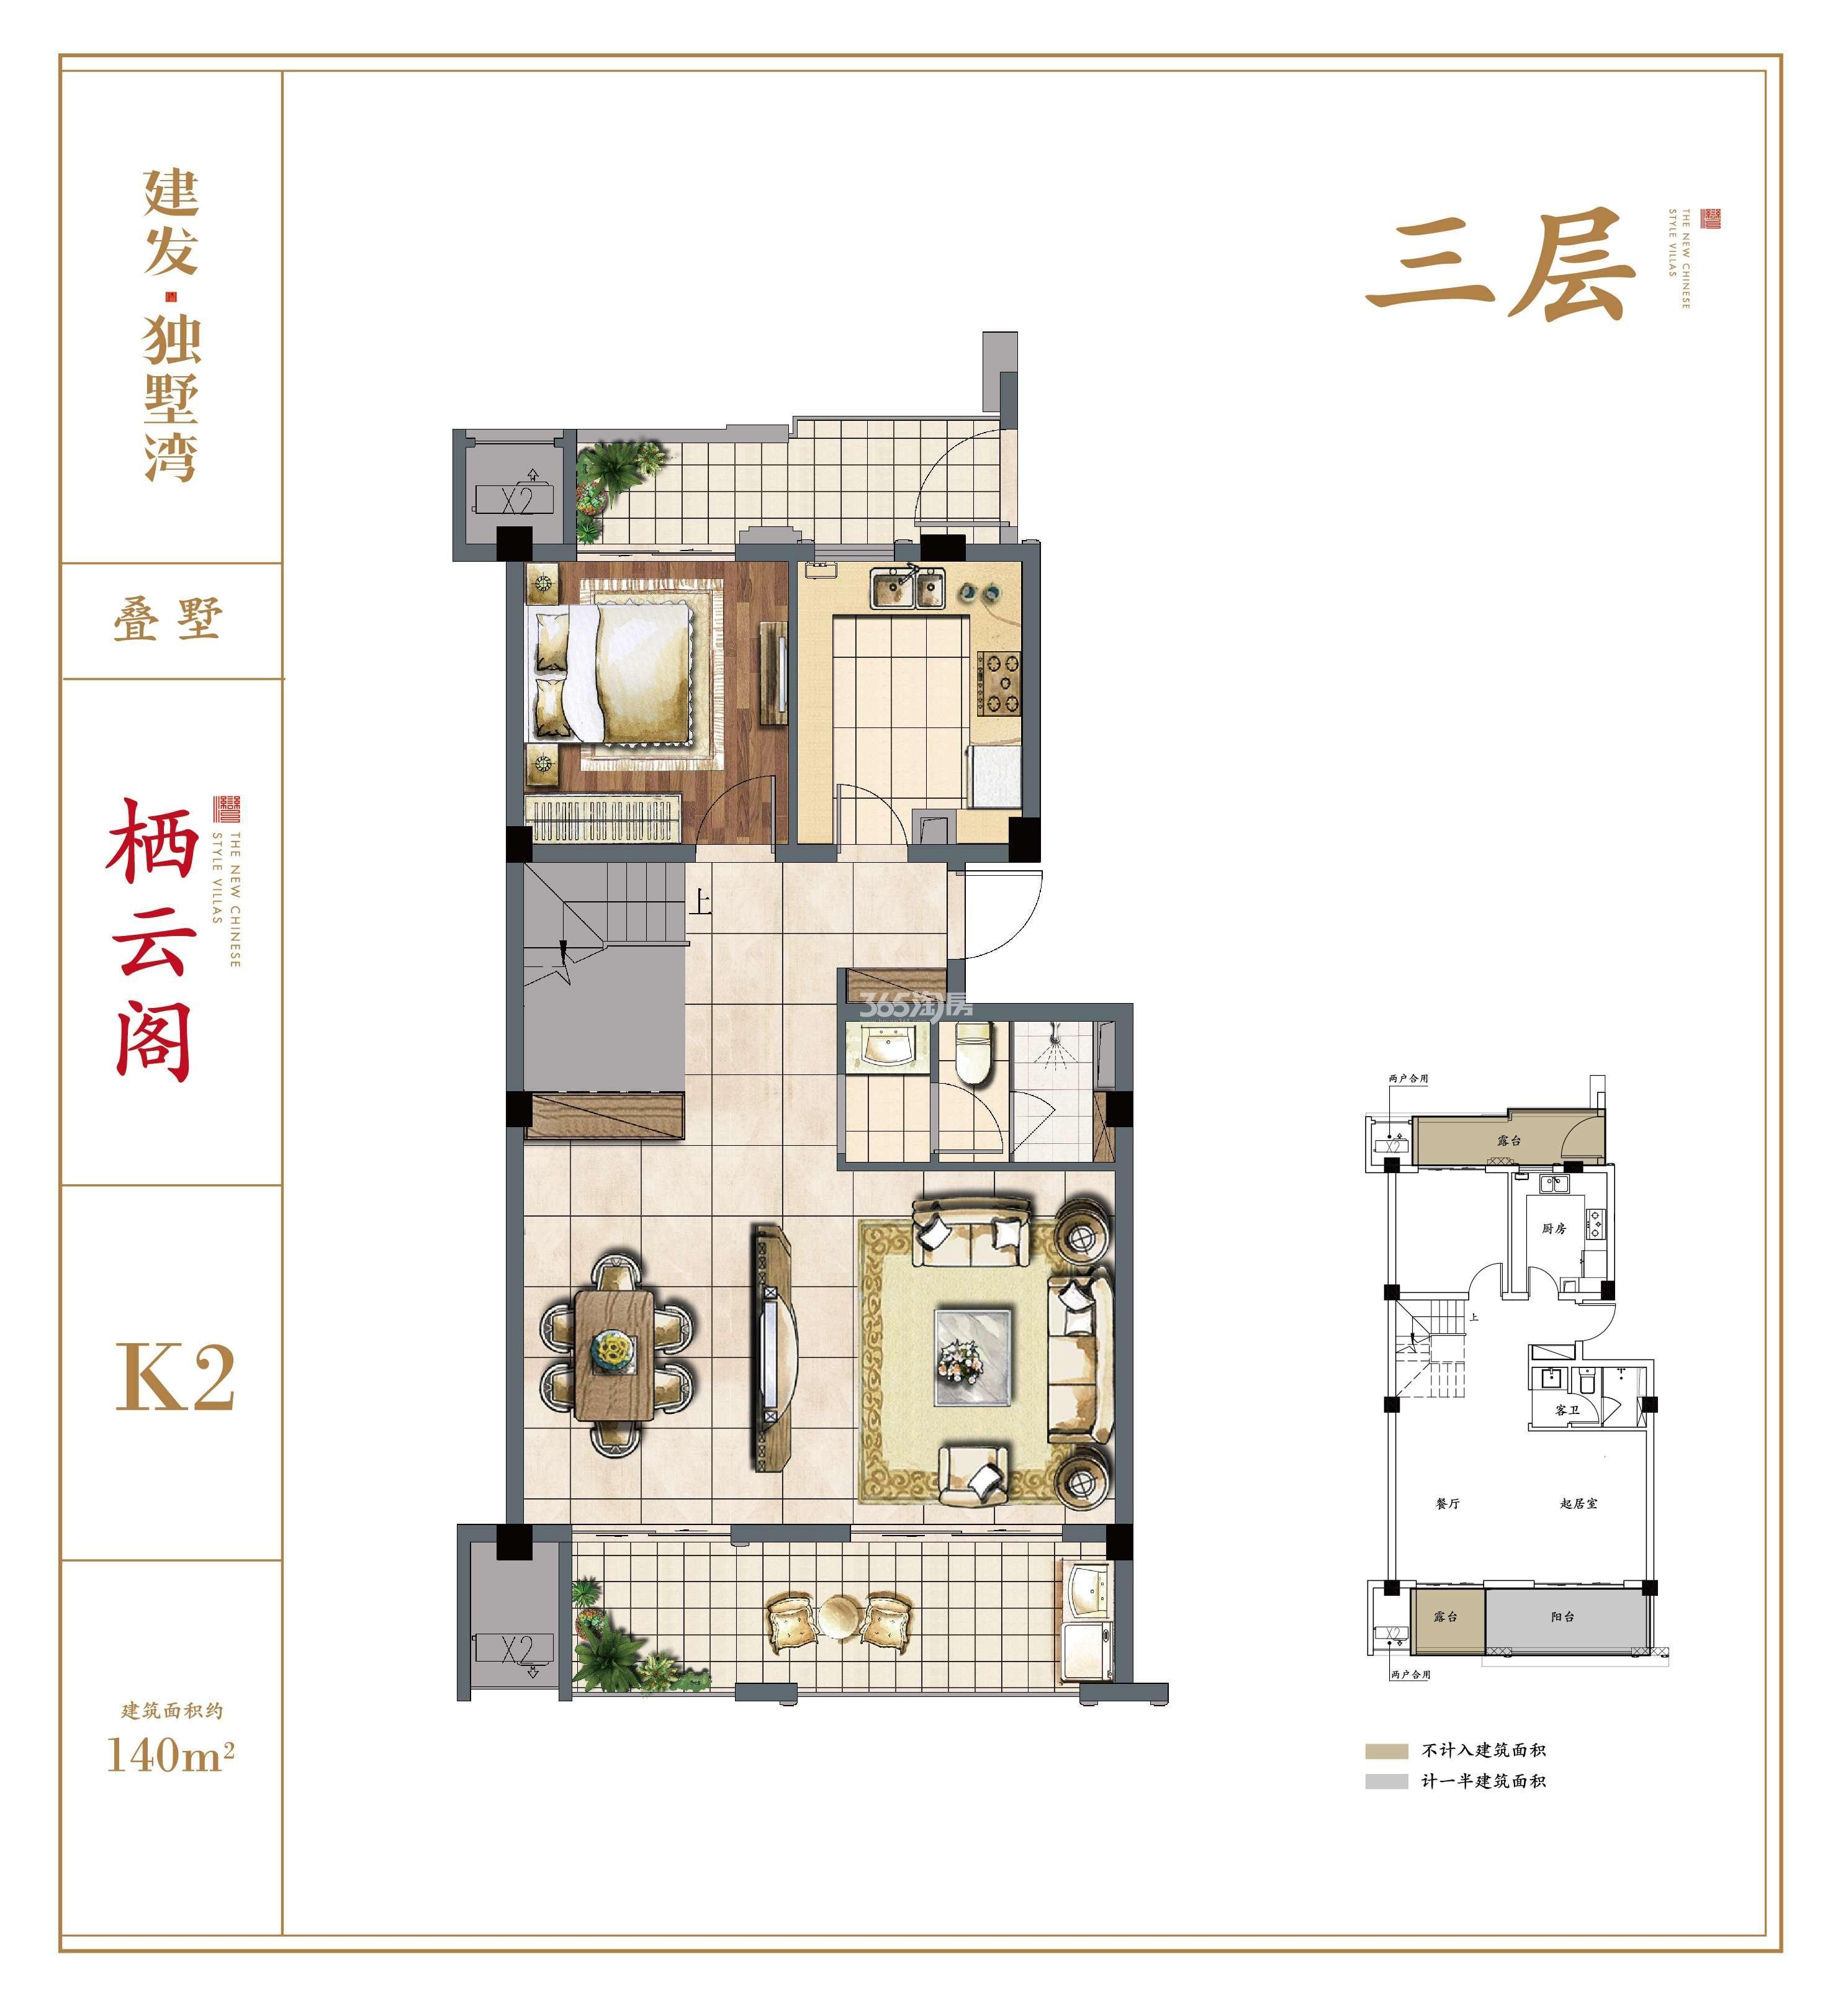 建发独墅湾横厅上叠中间套L(三层)